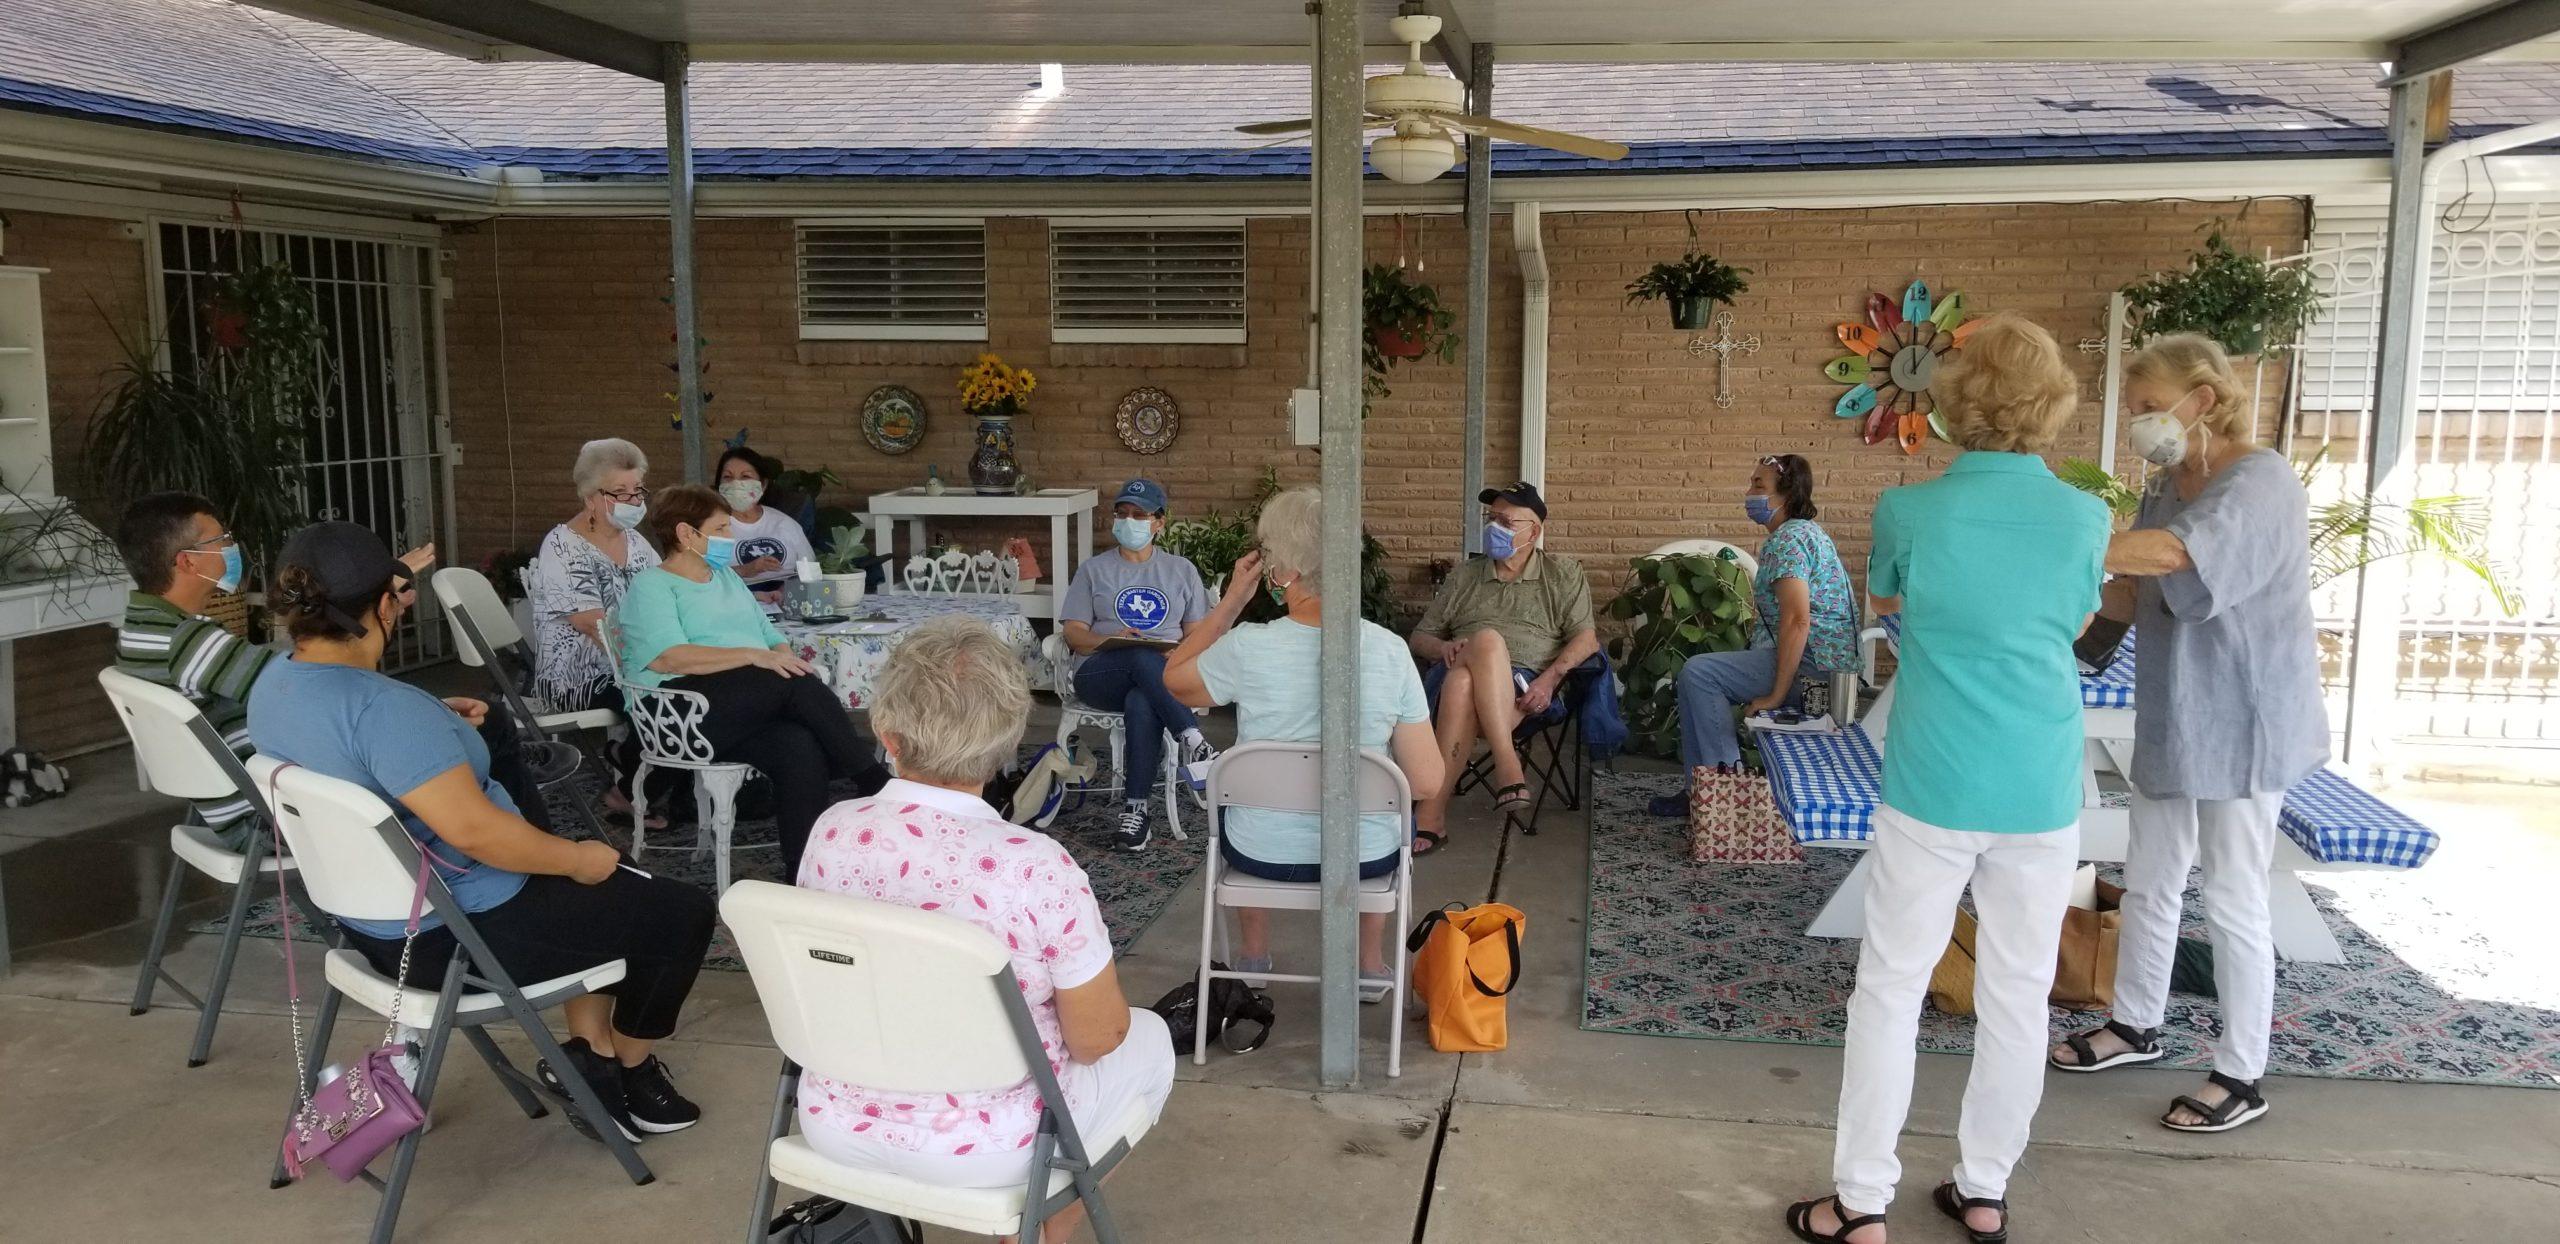 Yard Art Committee Meeting 2 2020-06-19